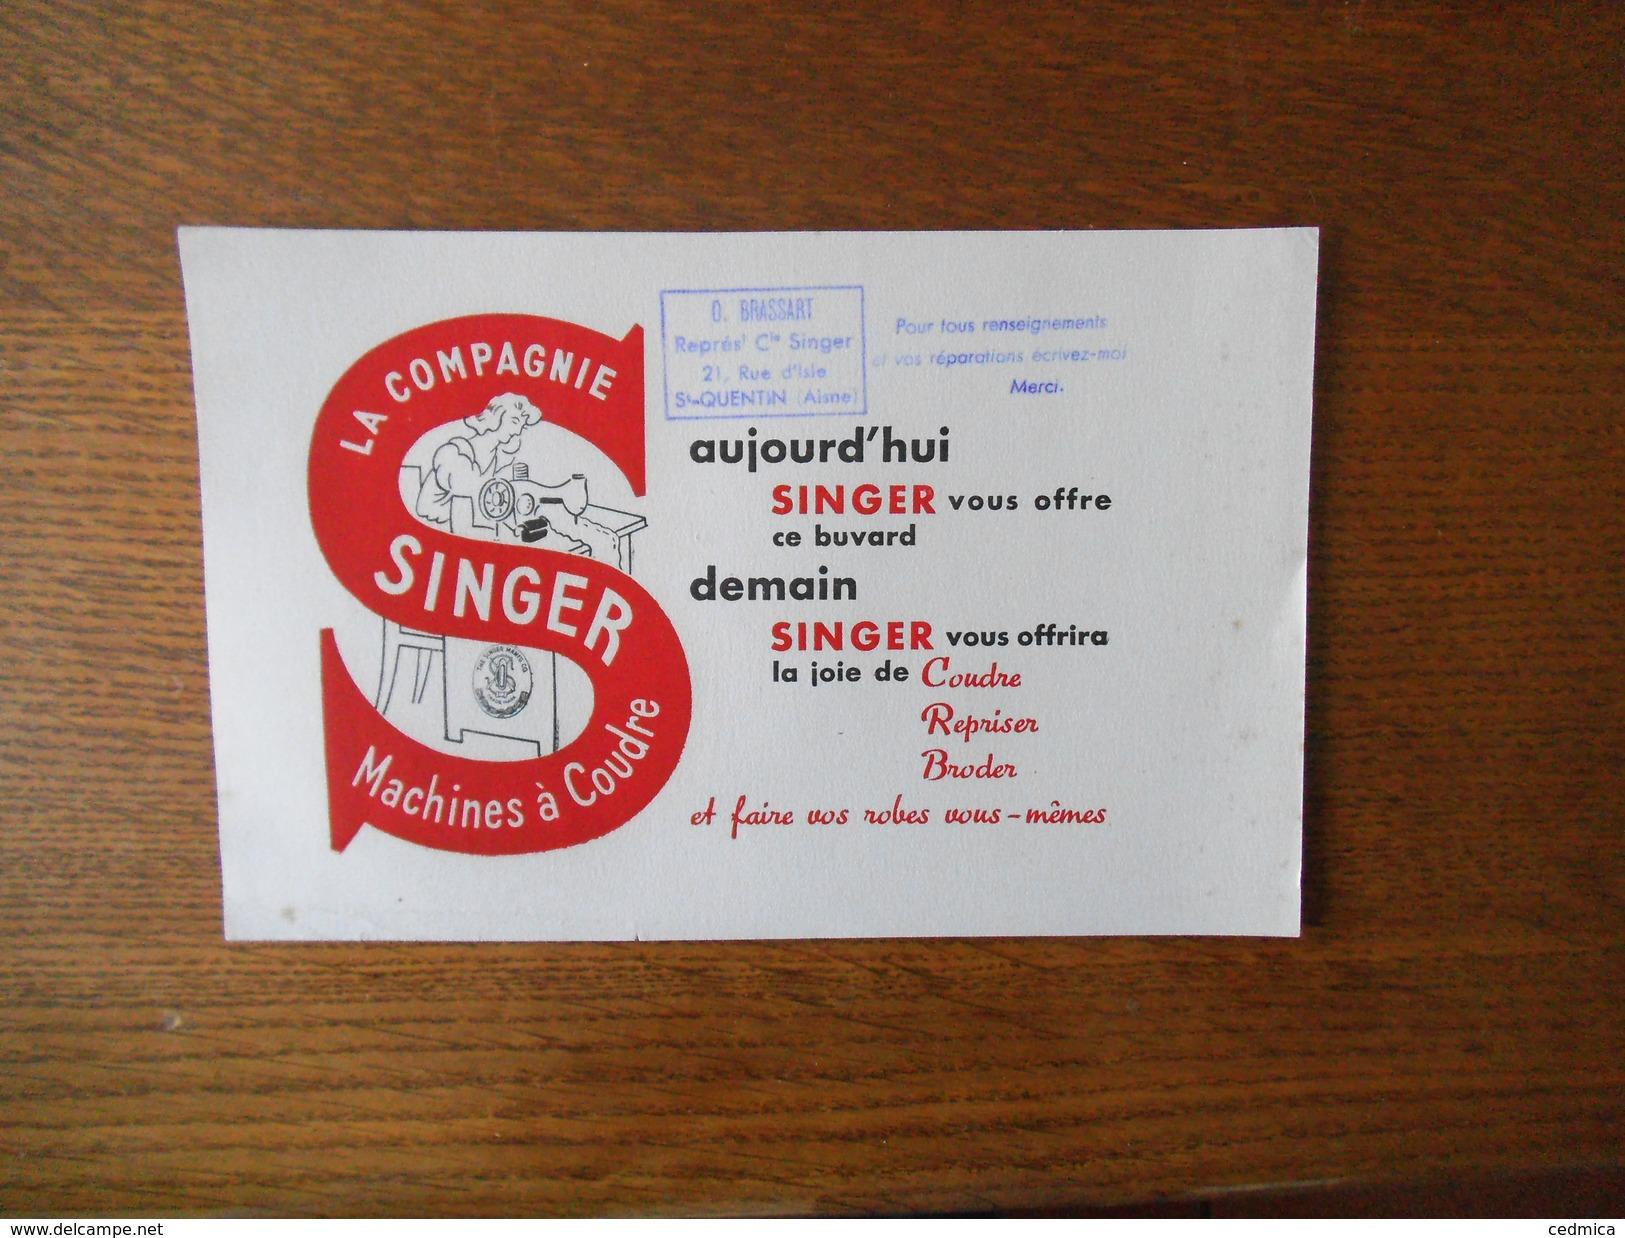 SINGER MACHINES A COUDRE O. BRASSART REPRESENTANT Cie SINGER 21 RUE D'ISLE SAINT-QUENTIN AISNE - Buvards, Protège-cahiers Illustrés